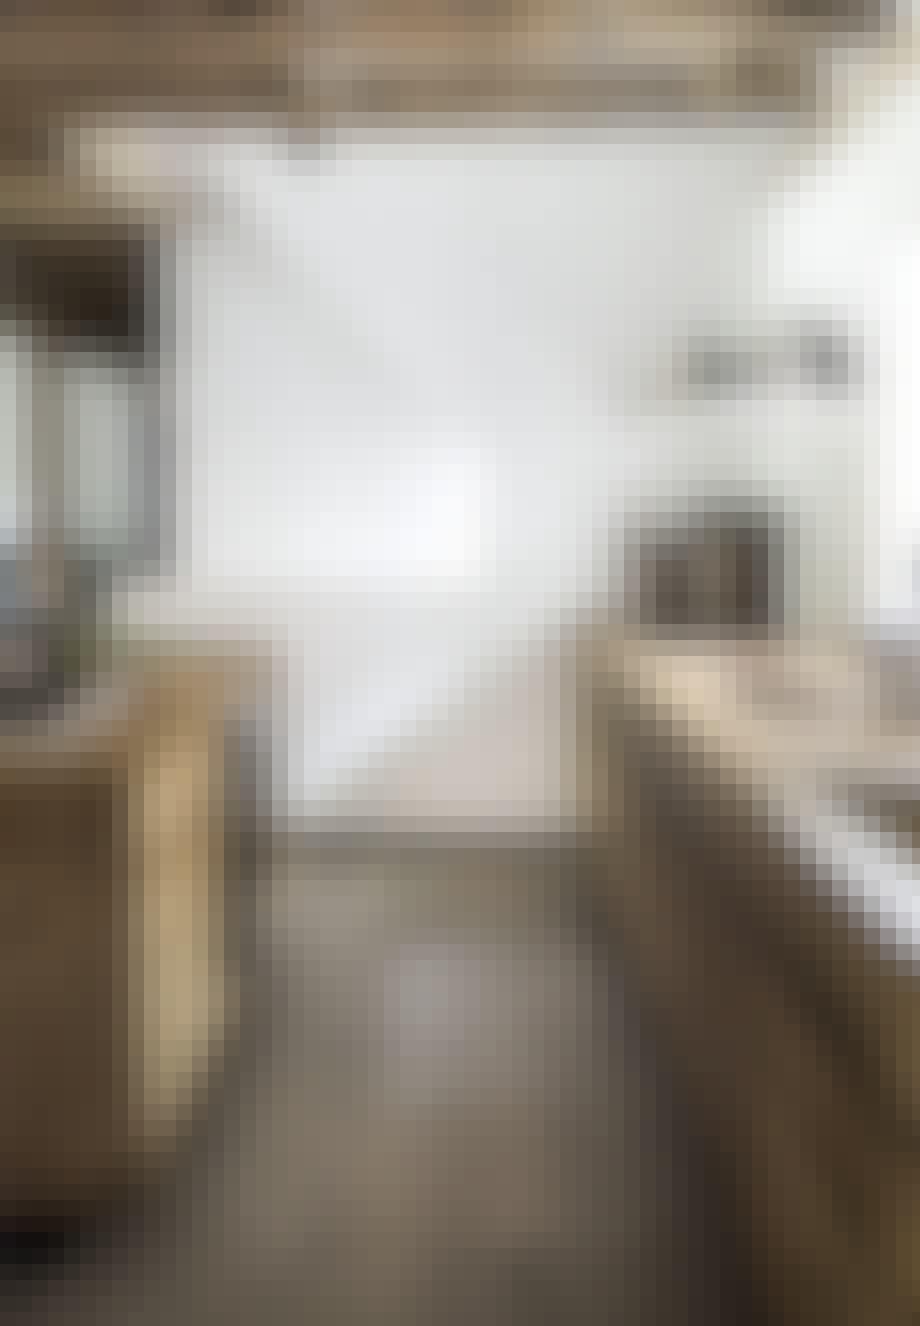 køkken i rustikt træ og bjælker i loftet